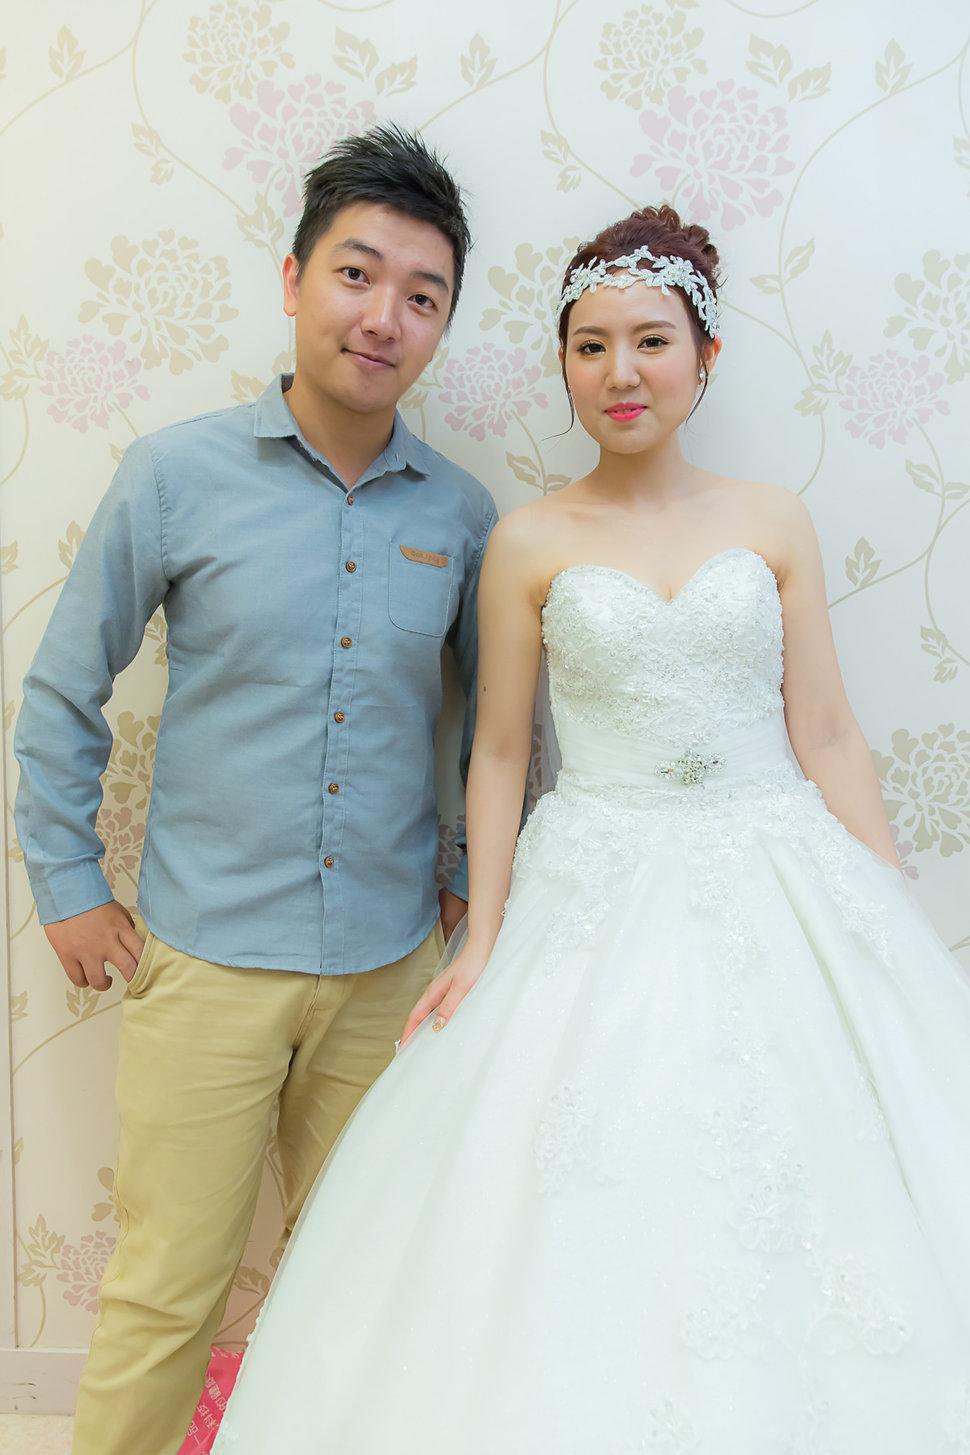 俊穎&宜君_文定迎娶_蘆洲富基婚宴會館(編號:288160) - Baby Sweety Studio - 結婚吧